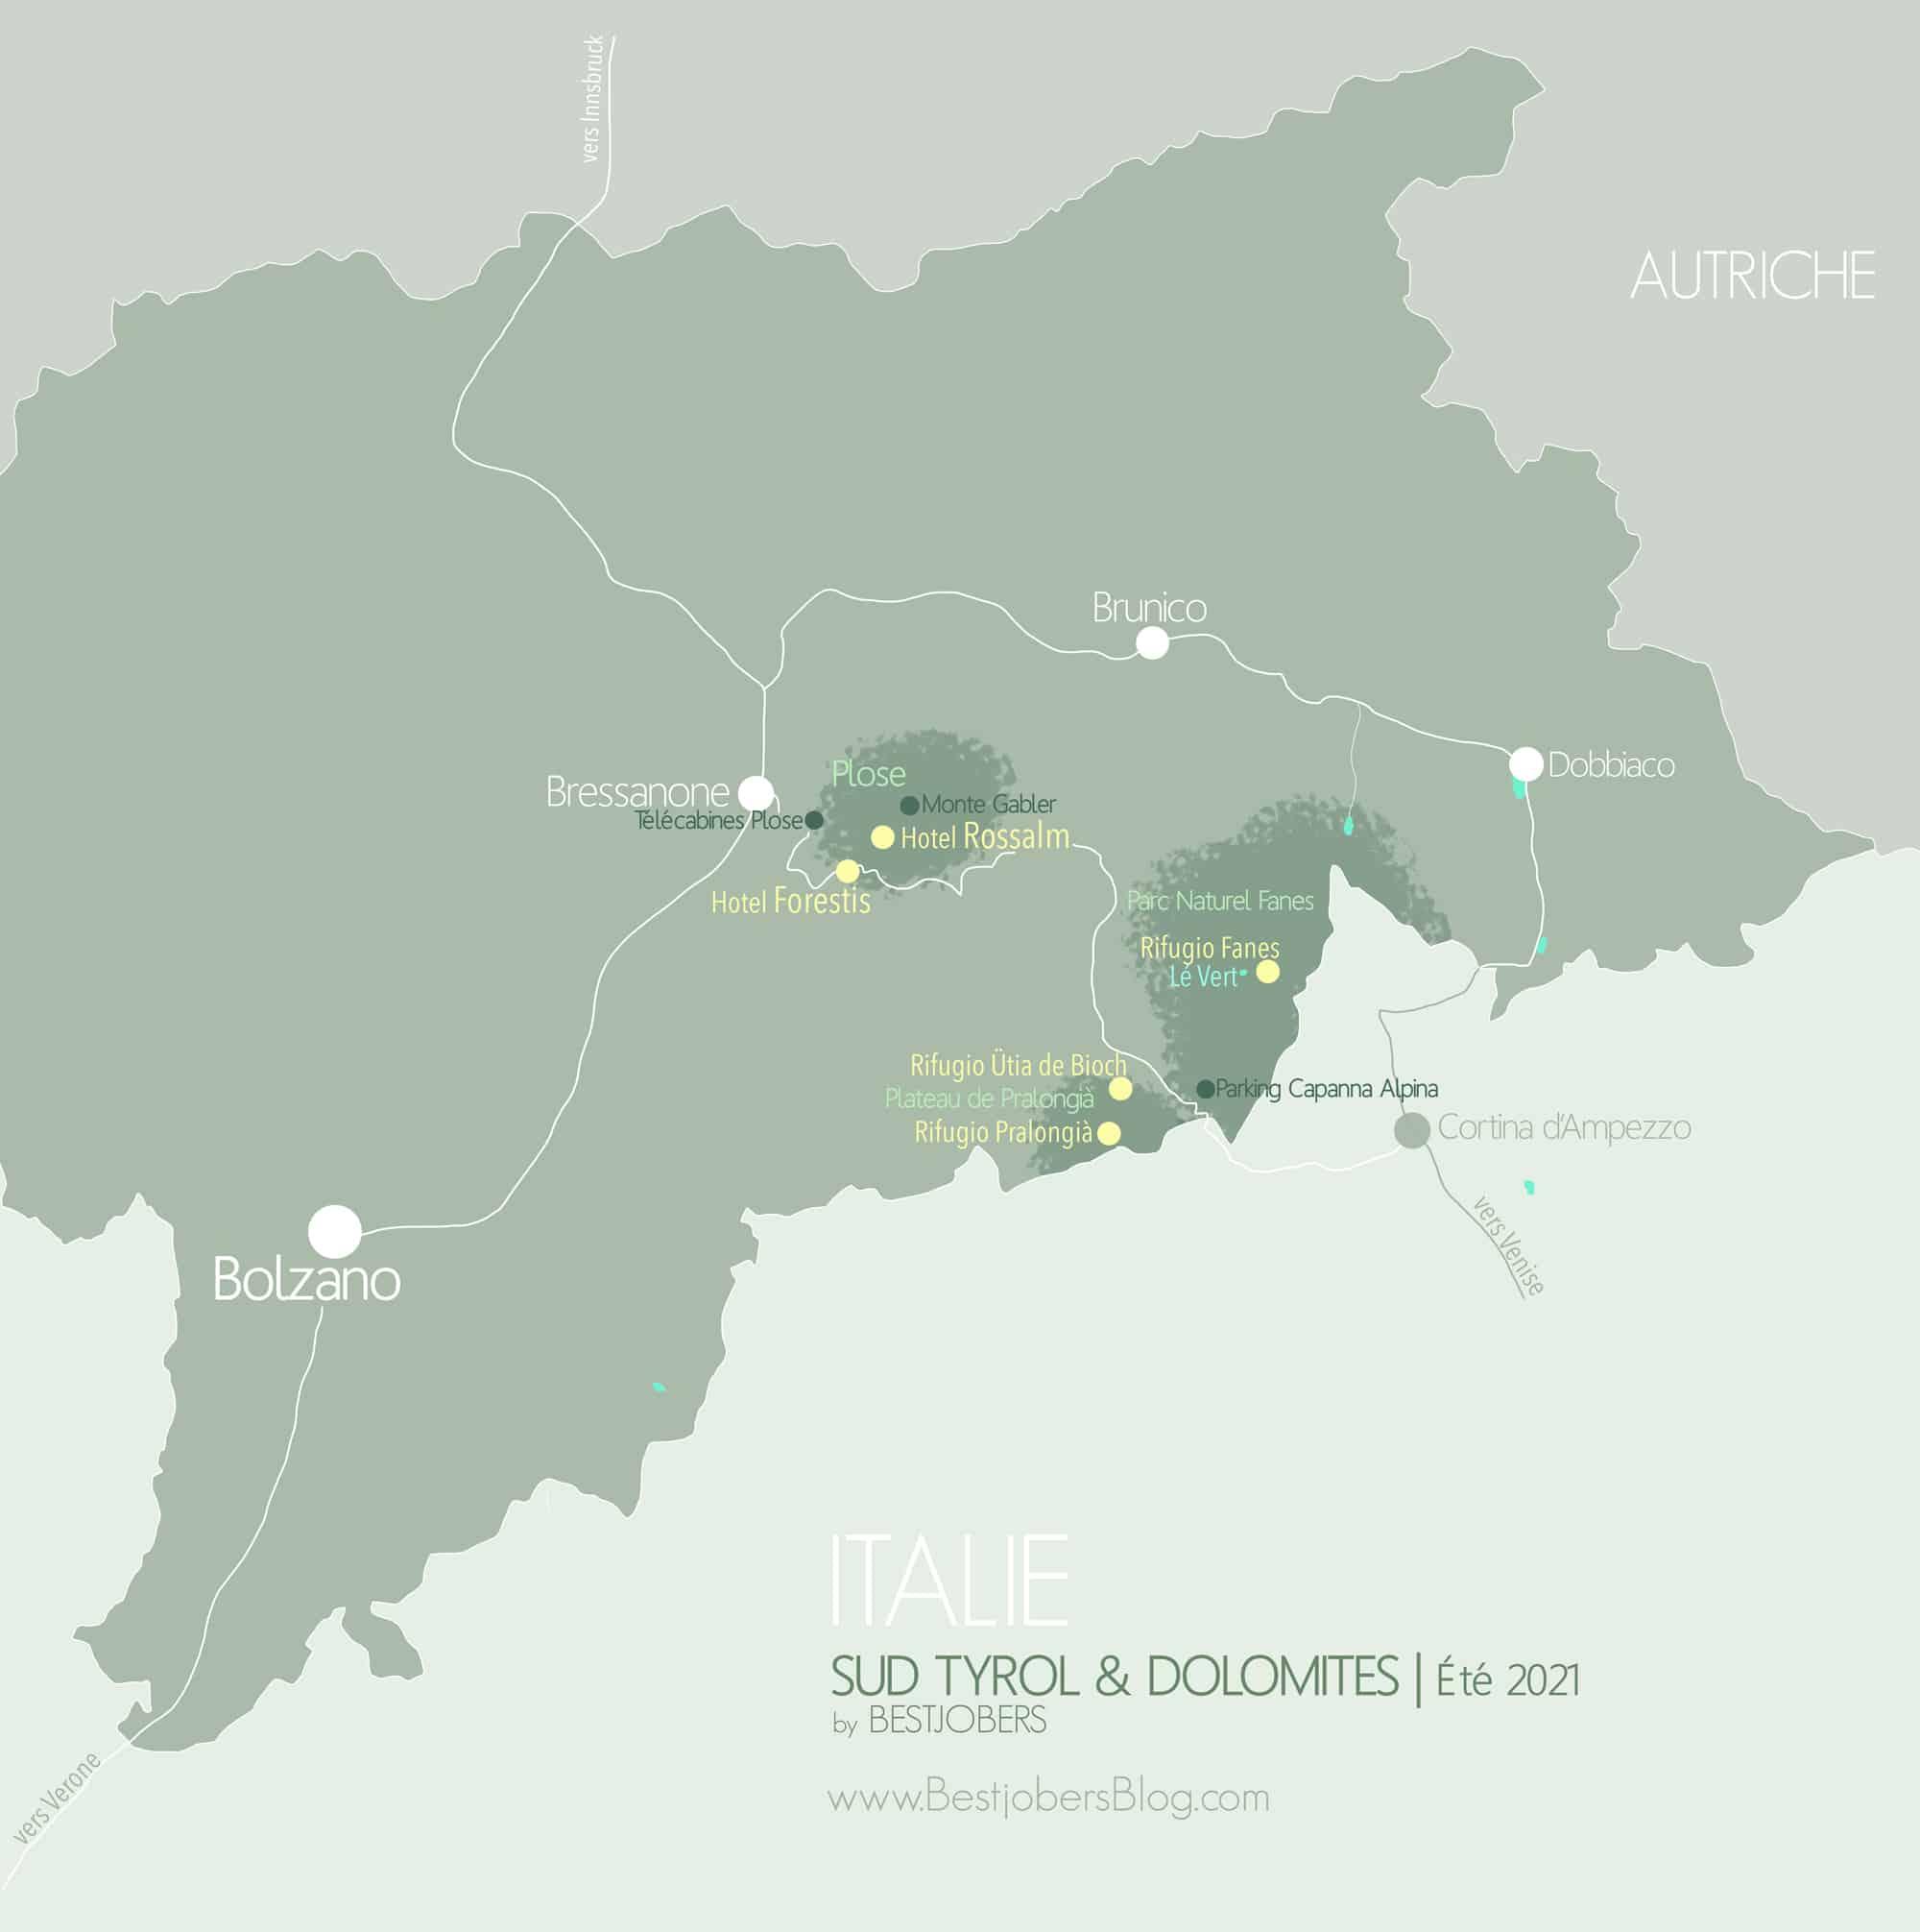 Carte Sud Tyrol Bestjobers 2021